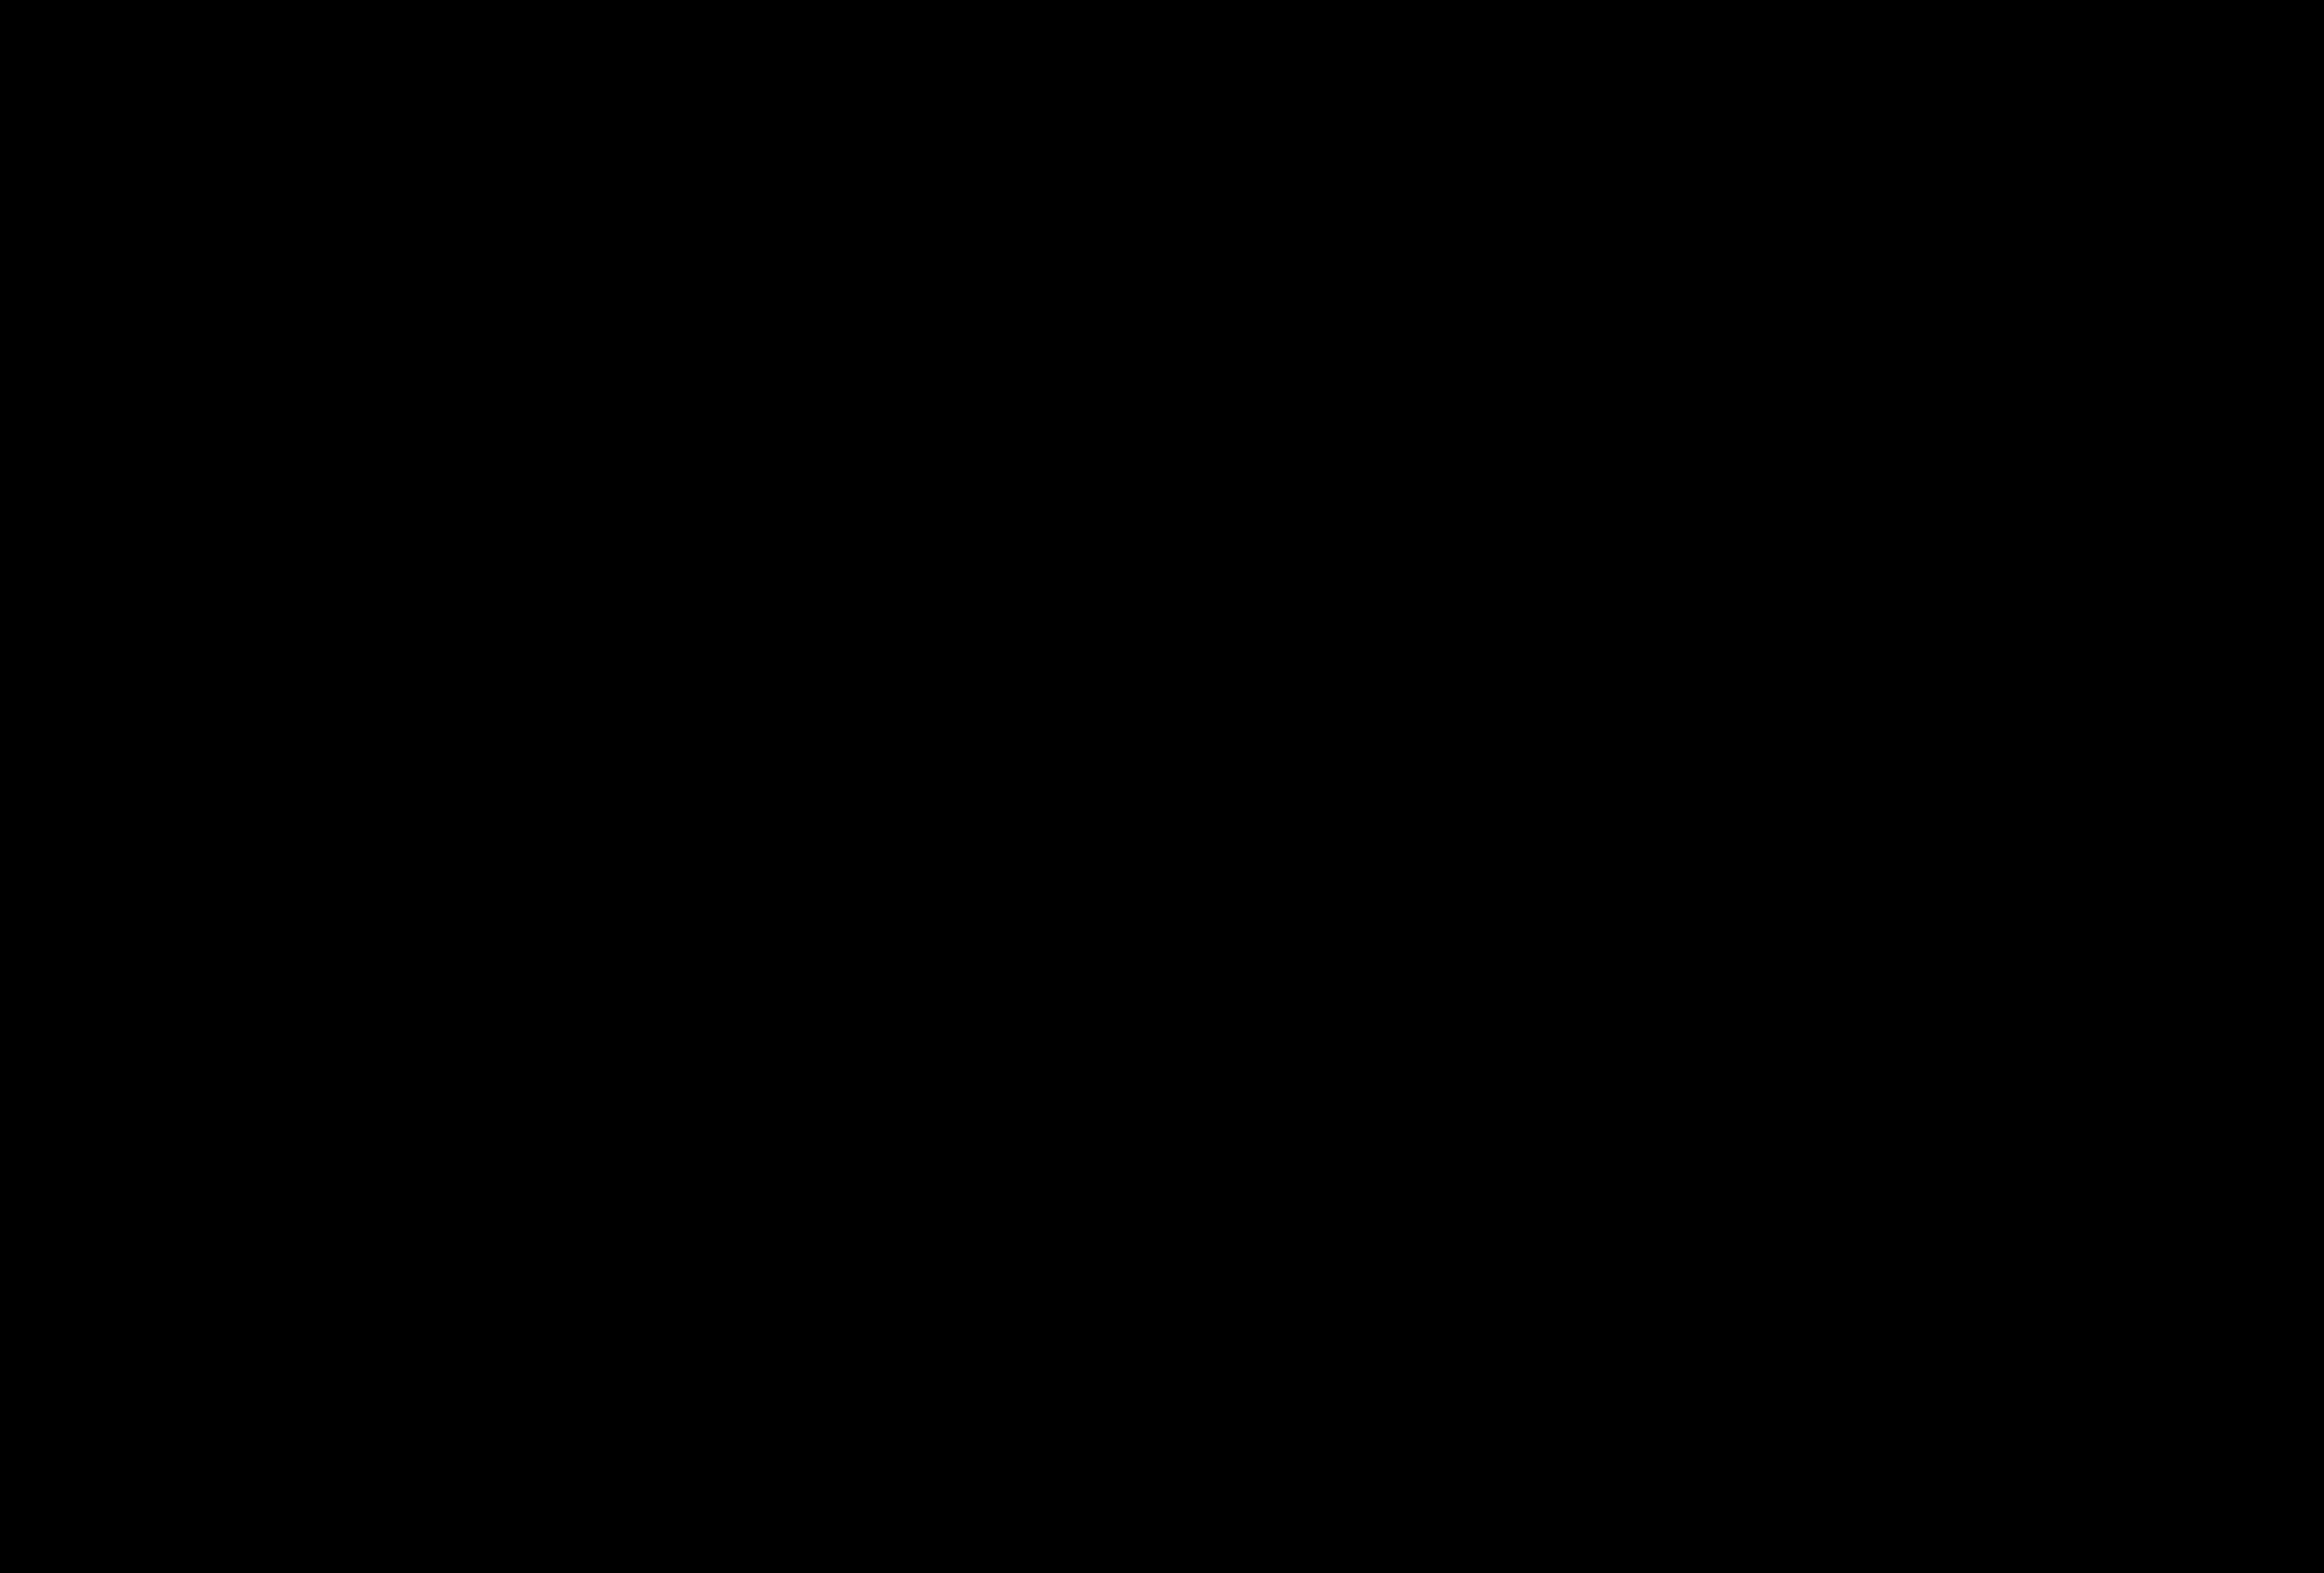 Weltkarte schwarz weiss mit dem alter der ozeanboeden zum ausschneiden